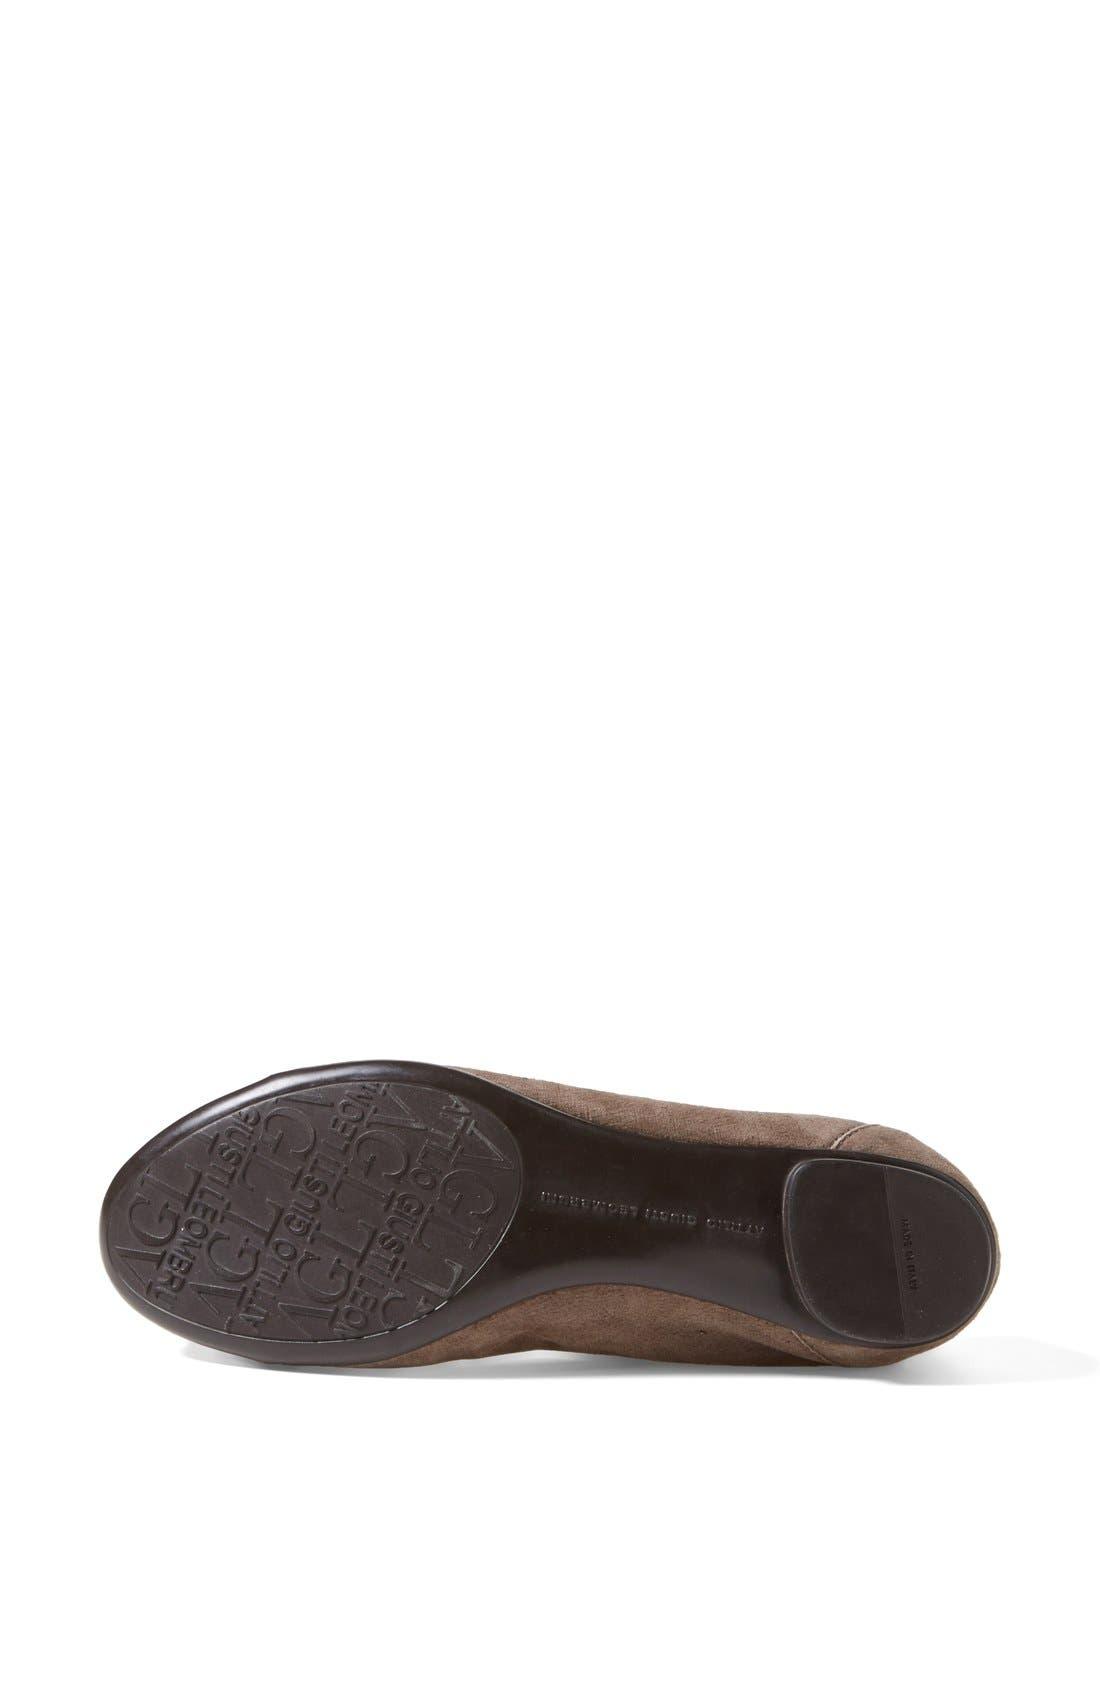 Alternate Image 4  - Attilio Giusti Leombruni 'Bella' Patent & Nappa Leather Ballet Flat